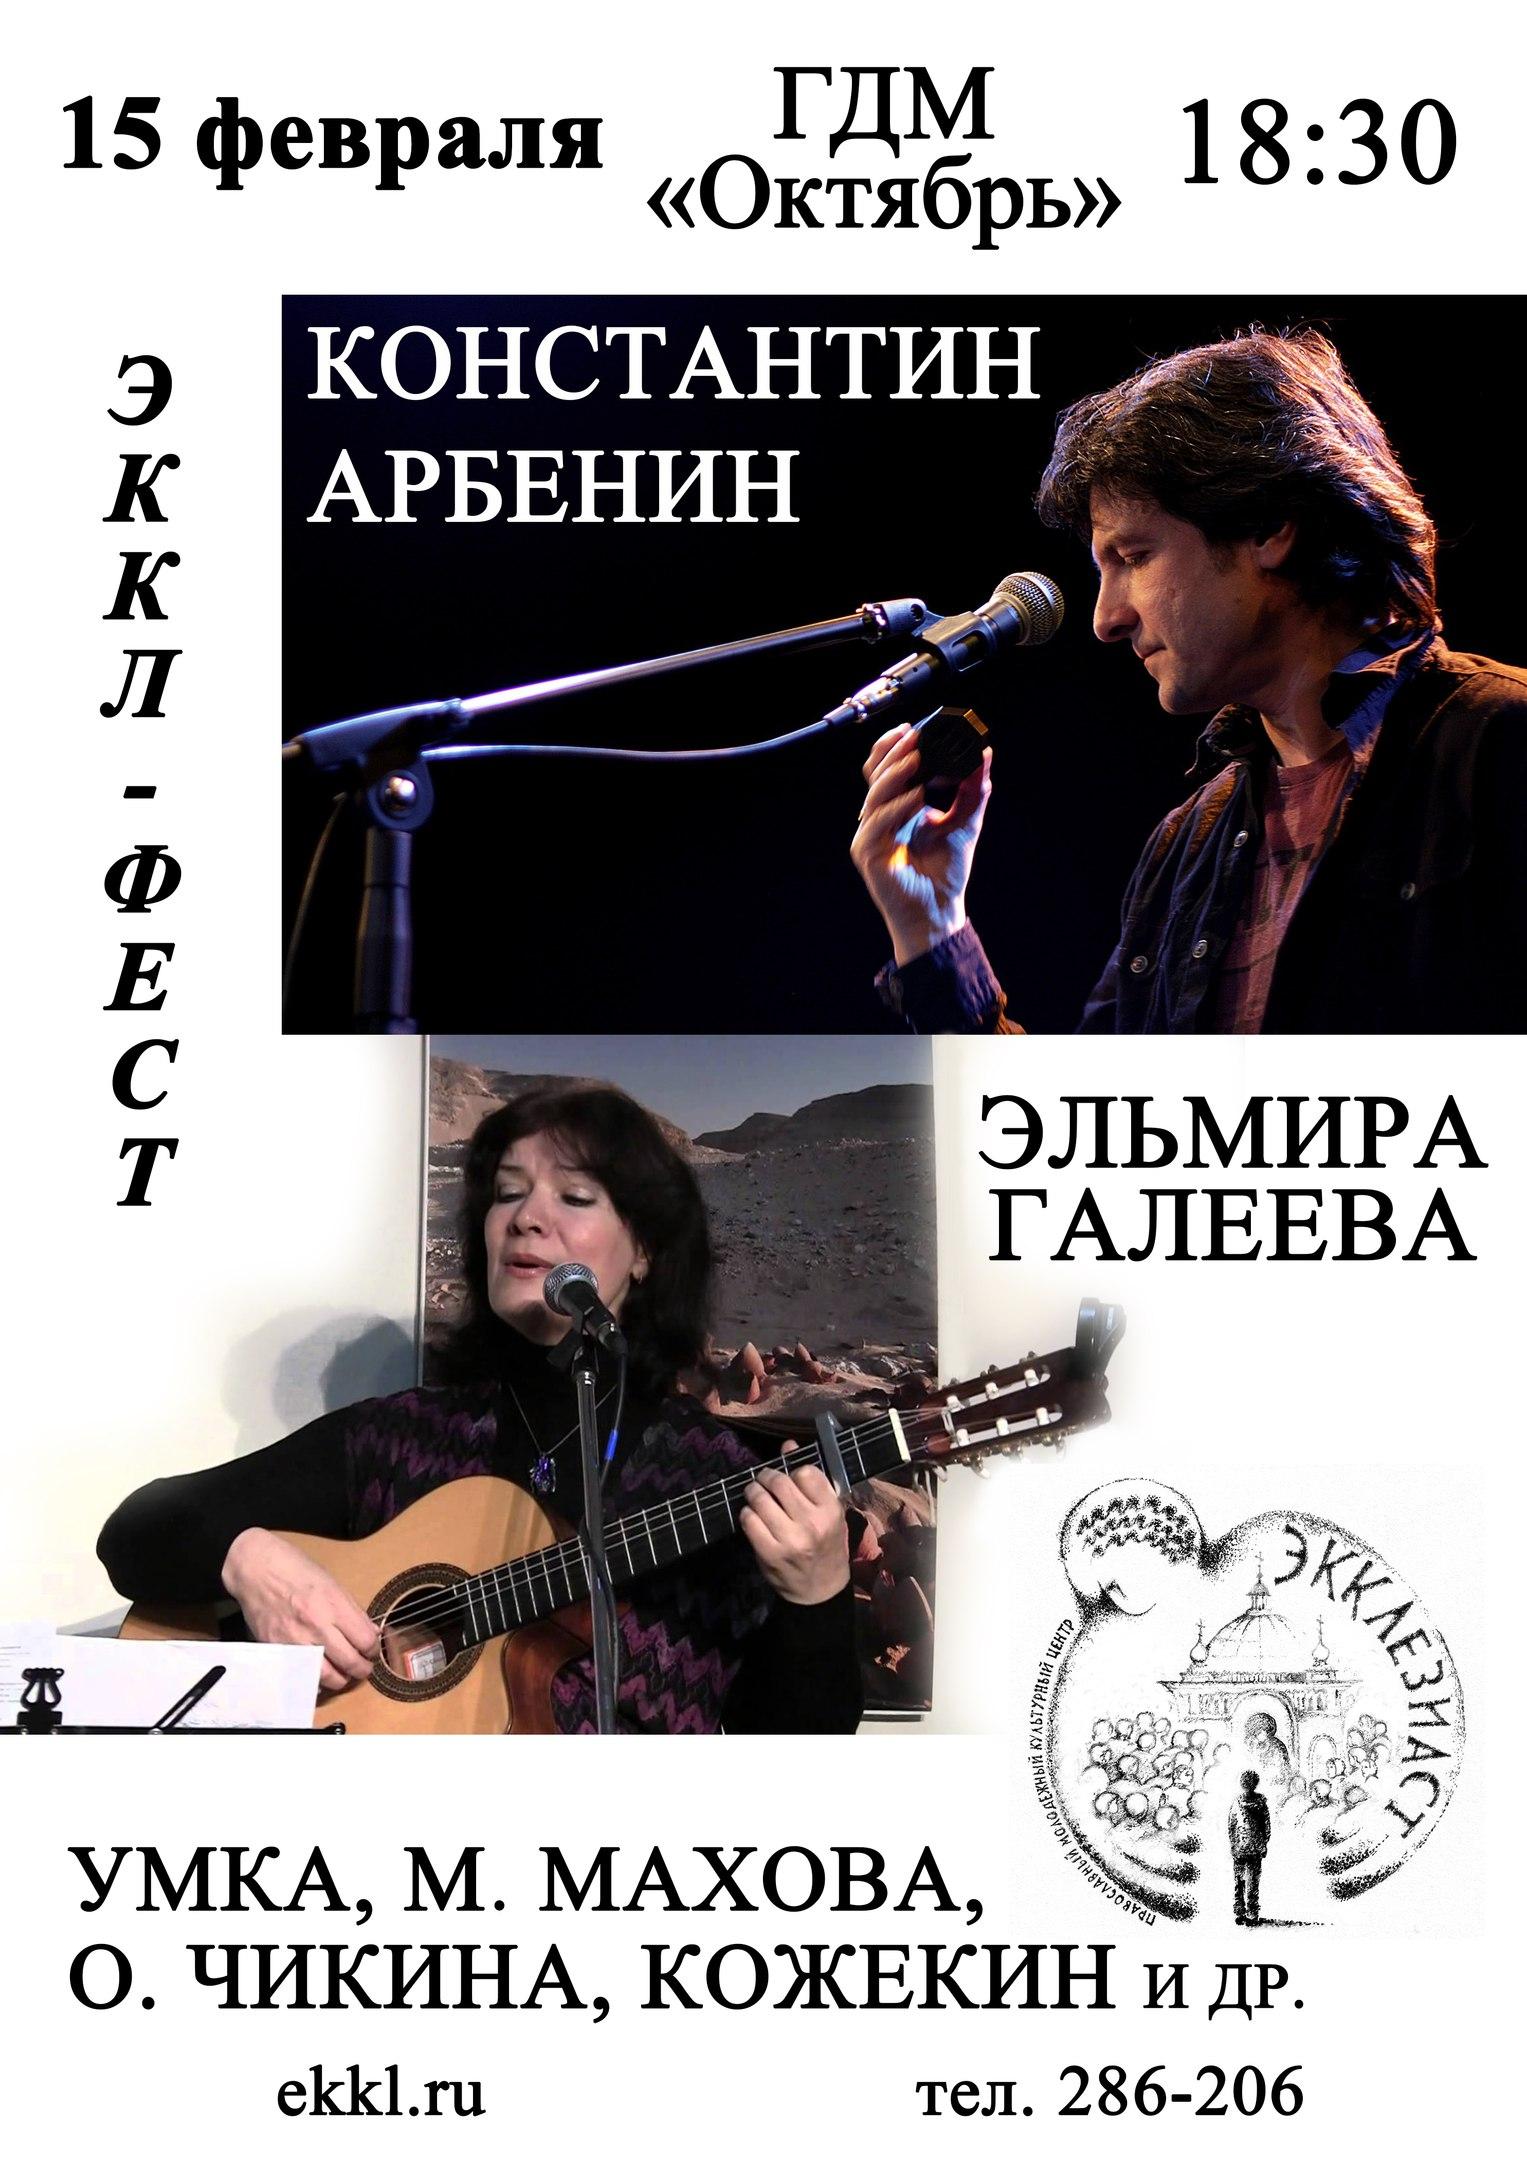 15-17 февраля в Липецке состоится ежегодный православный молодёжный фестиваль центра «Экклезиаст»